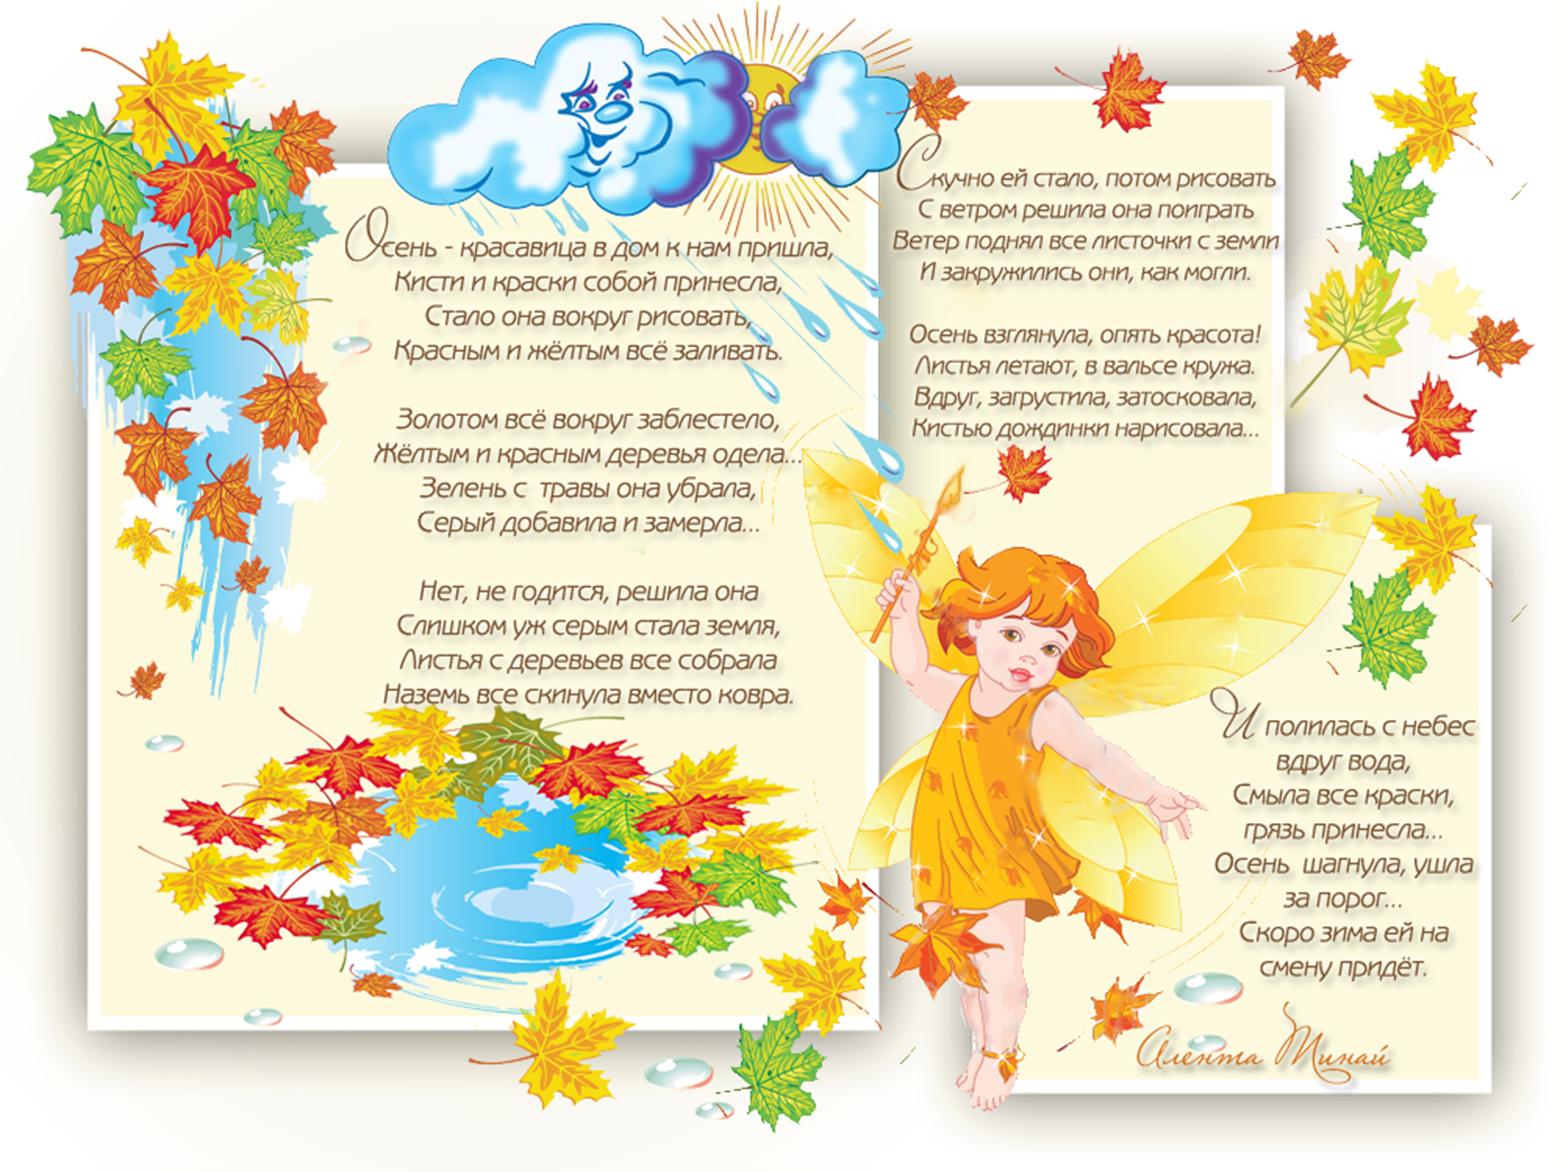 Стихи про осень для детей 6-7 лет в детском саду для заучивания